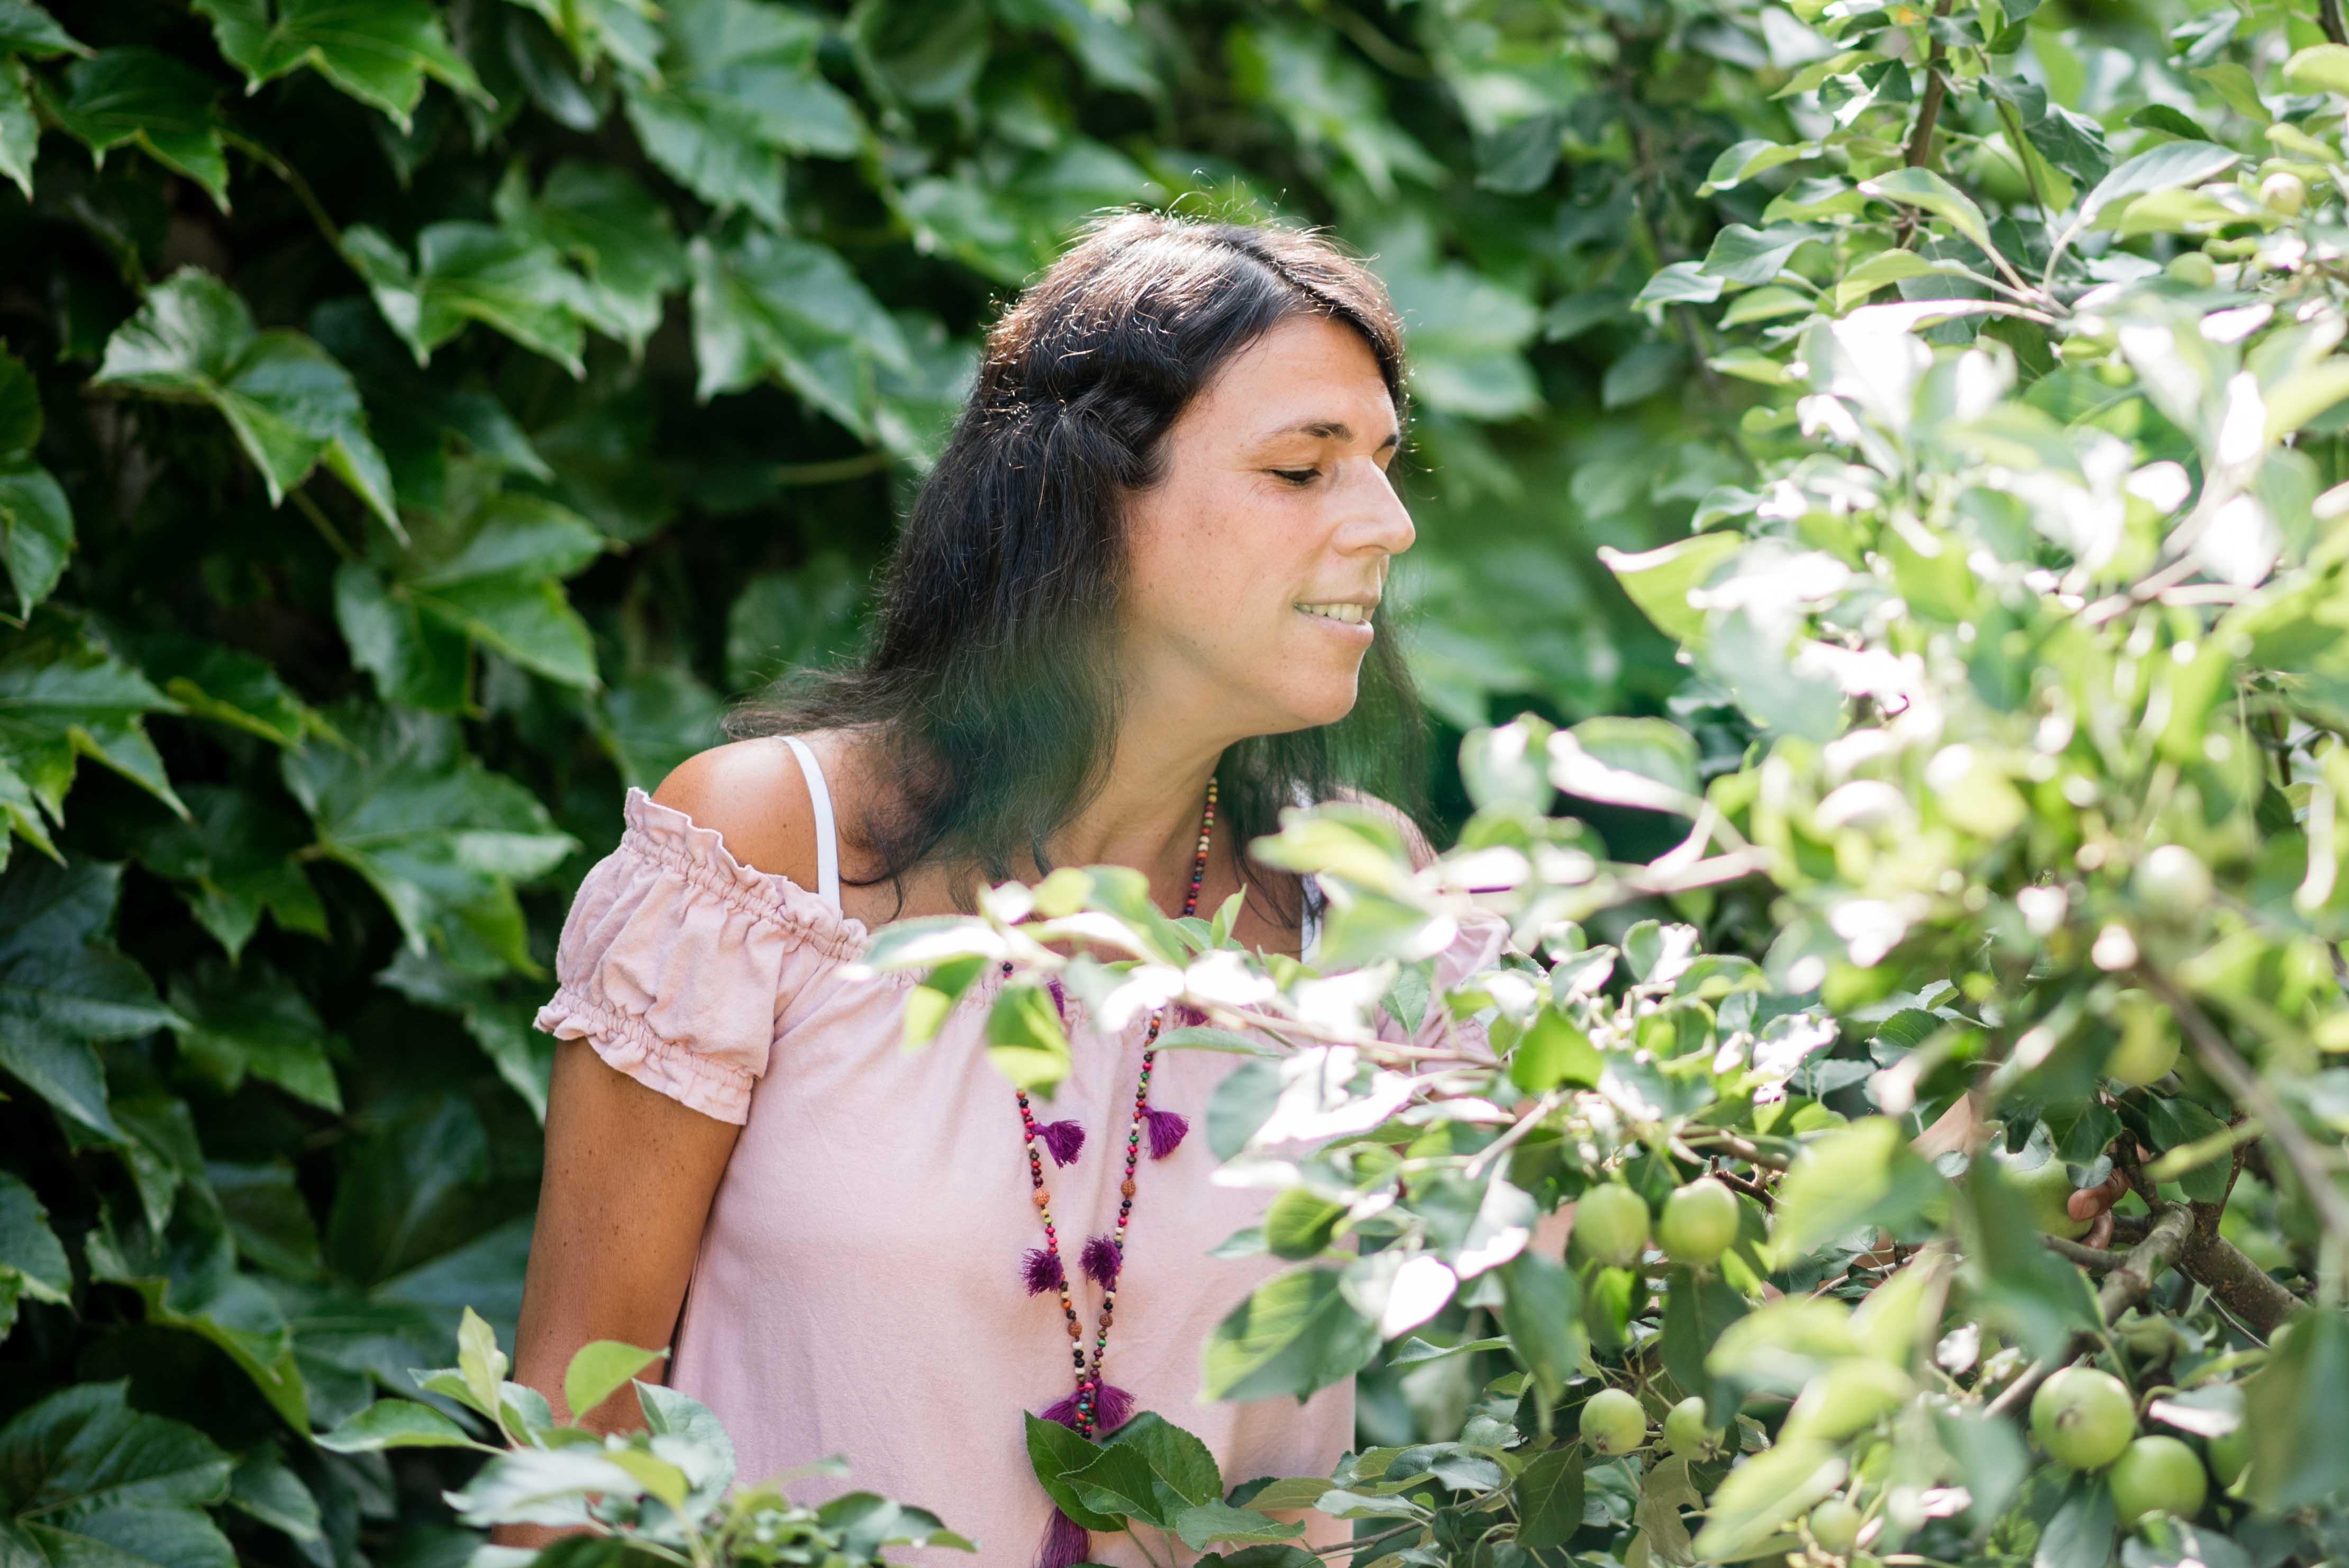 Barbara Baschnagel steht im Garten im Seitenprofil hinter einem Apfelbaum und riecht daran.